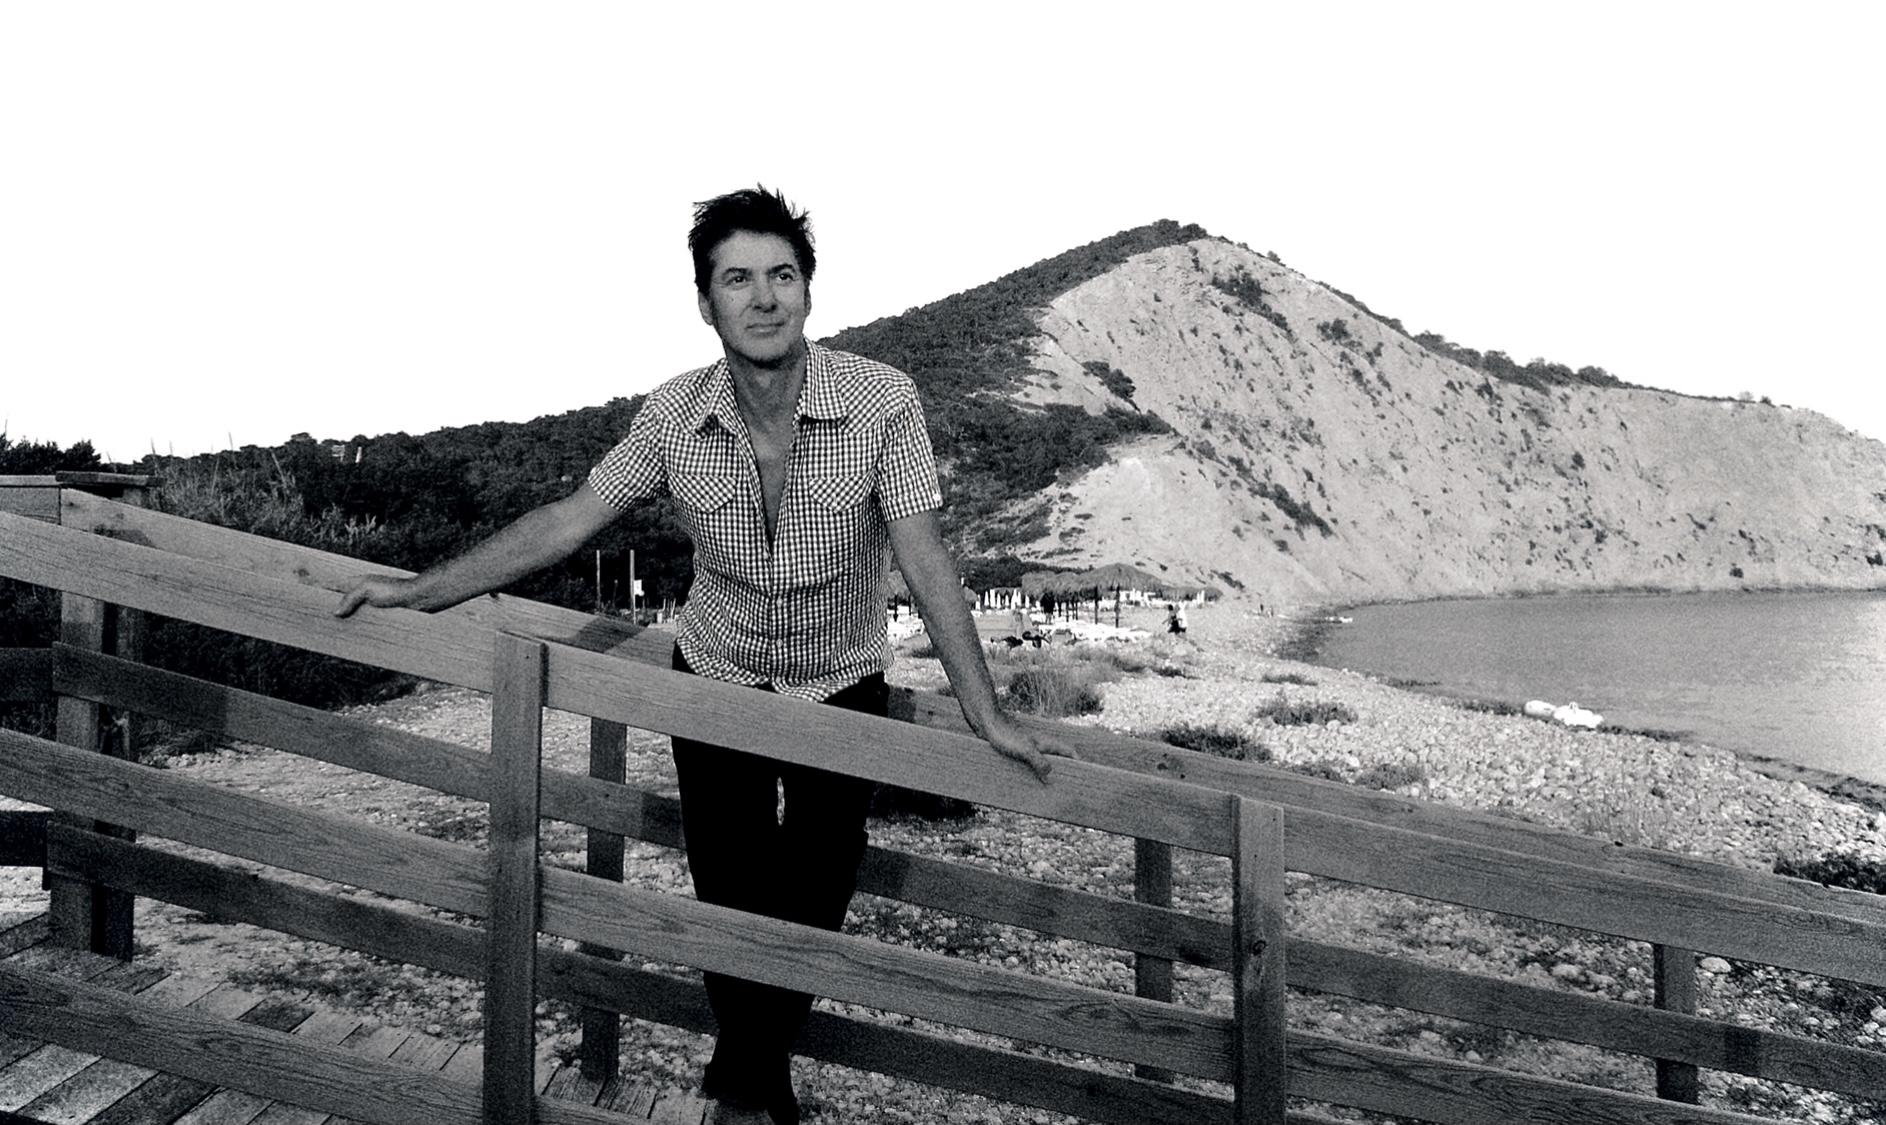 Surf, l'album perdu d'Étienne Daho, sort aujourd'hui